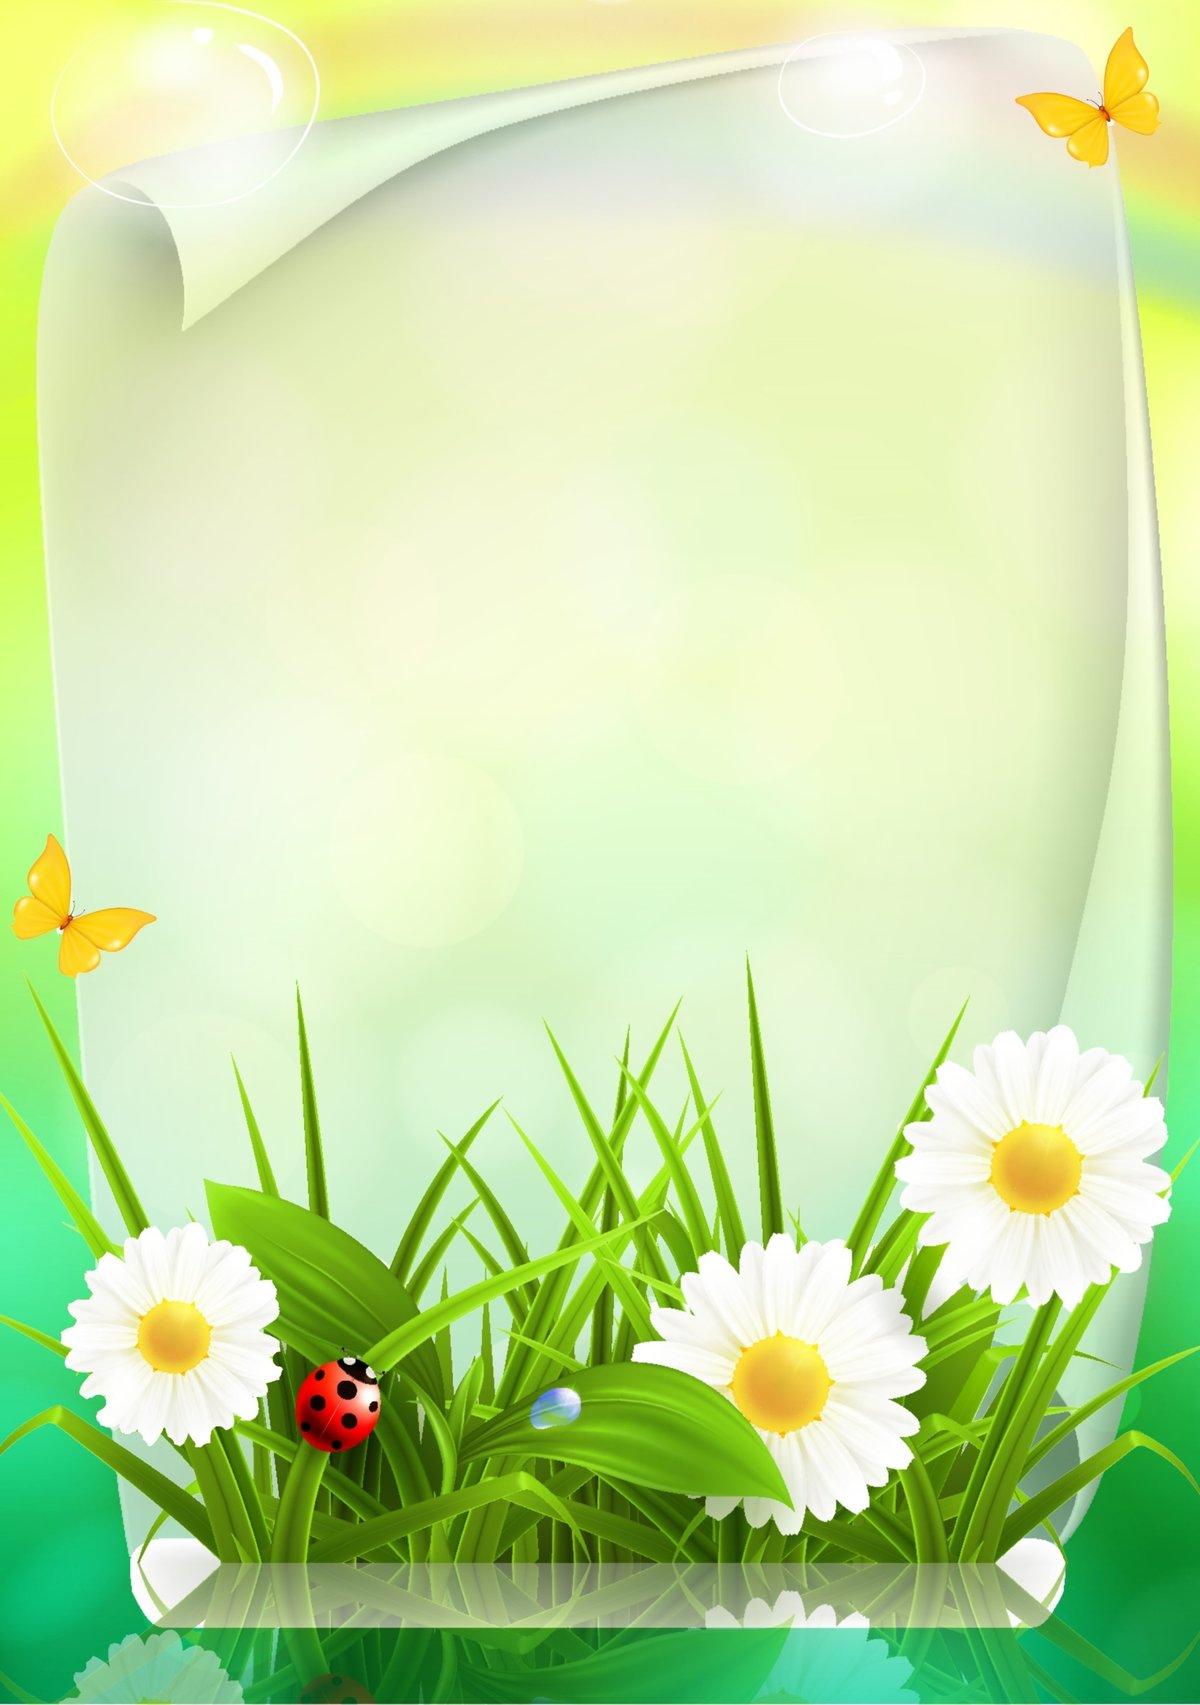 Картинки для грамот с цветами предоставляем работу